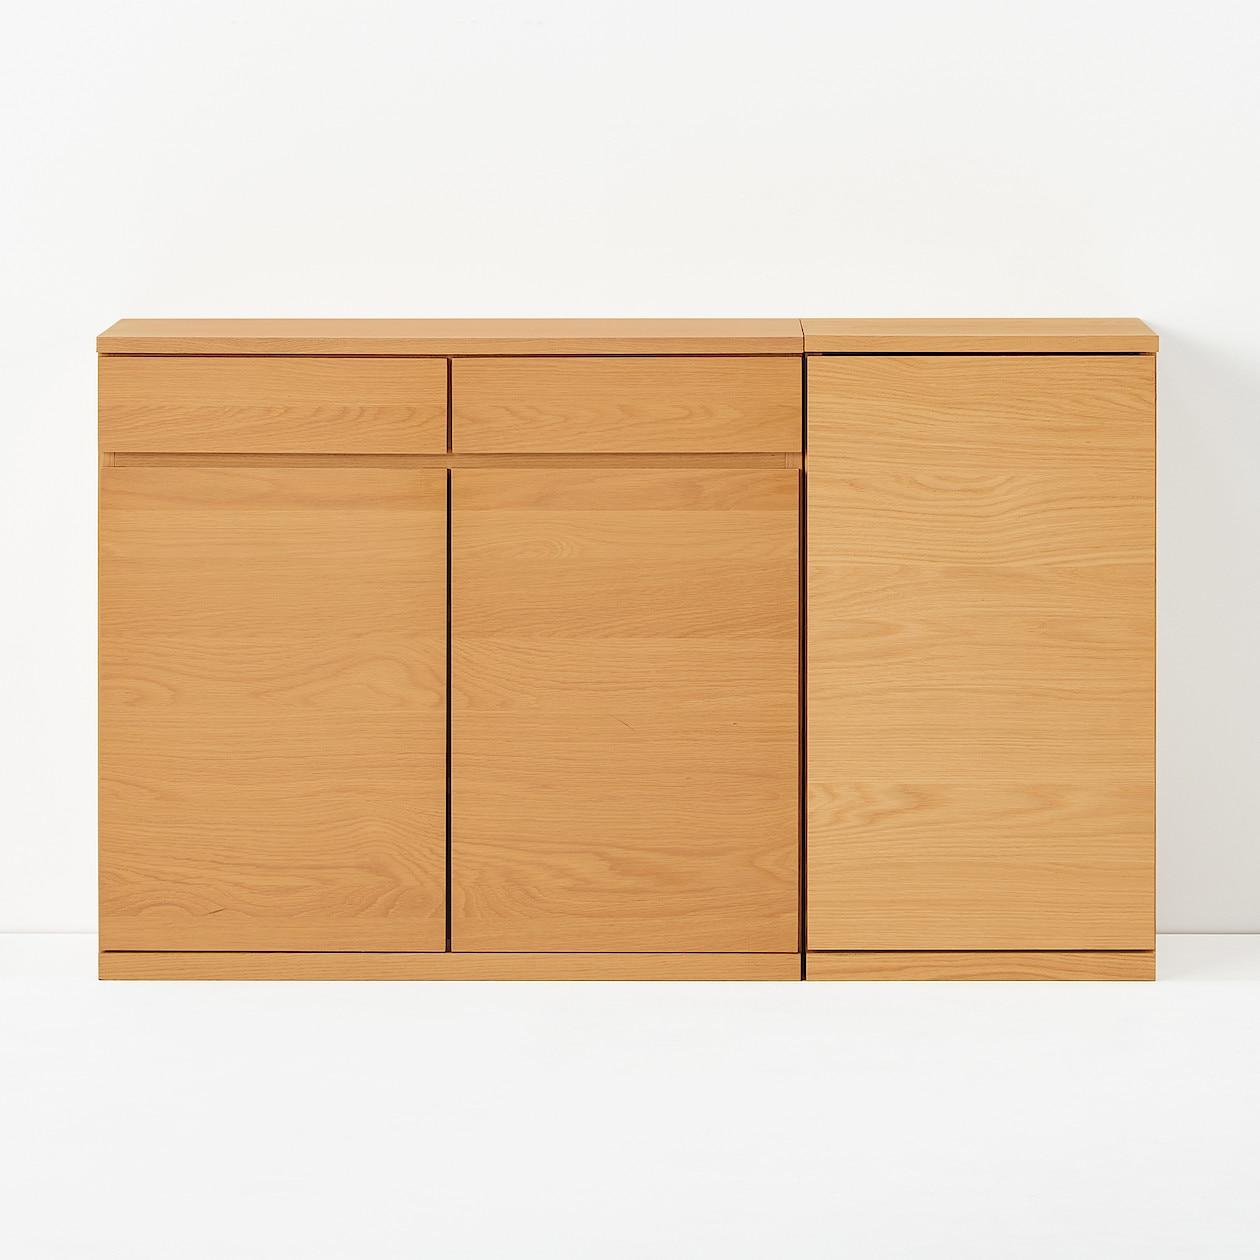 橡木窄身櫃 | 無印良品 MUJI